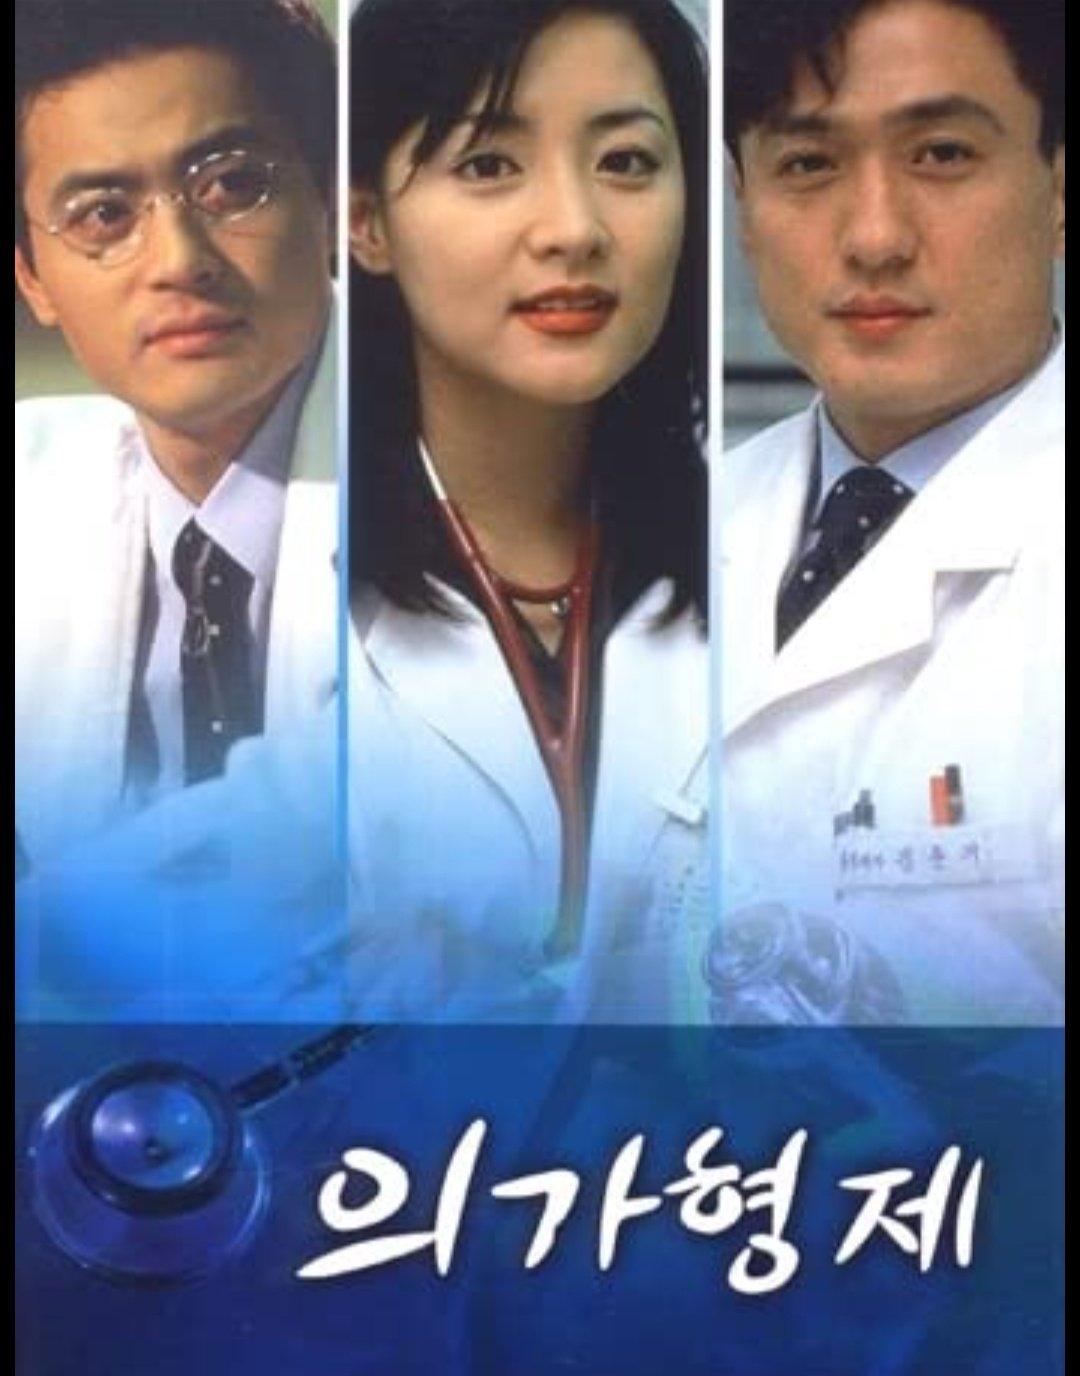 Phim của Jang Dong Gun: Anh em nhà bác sĩ